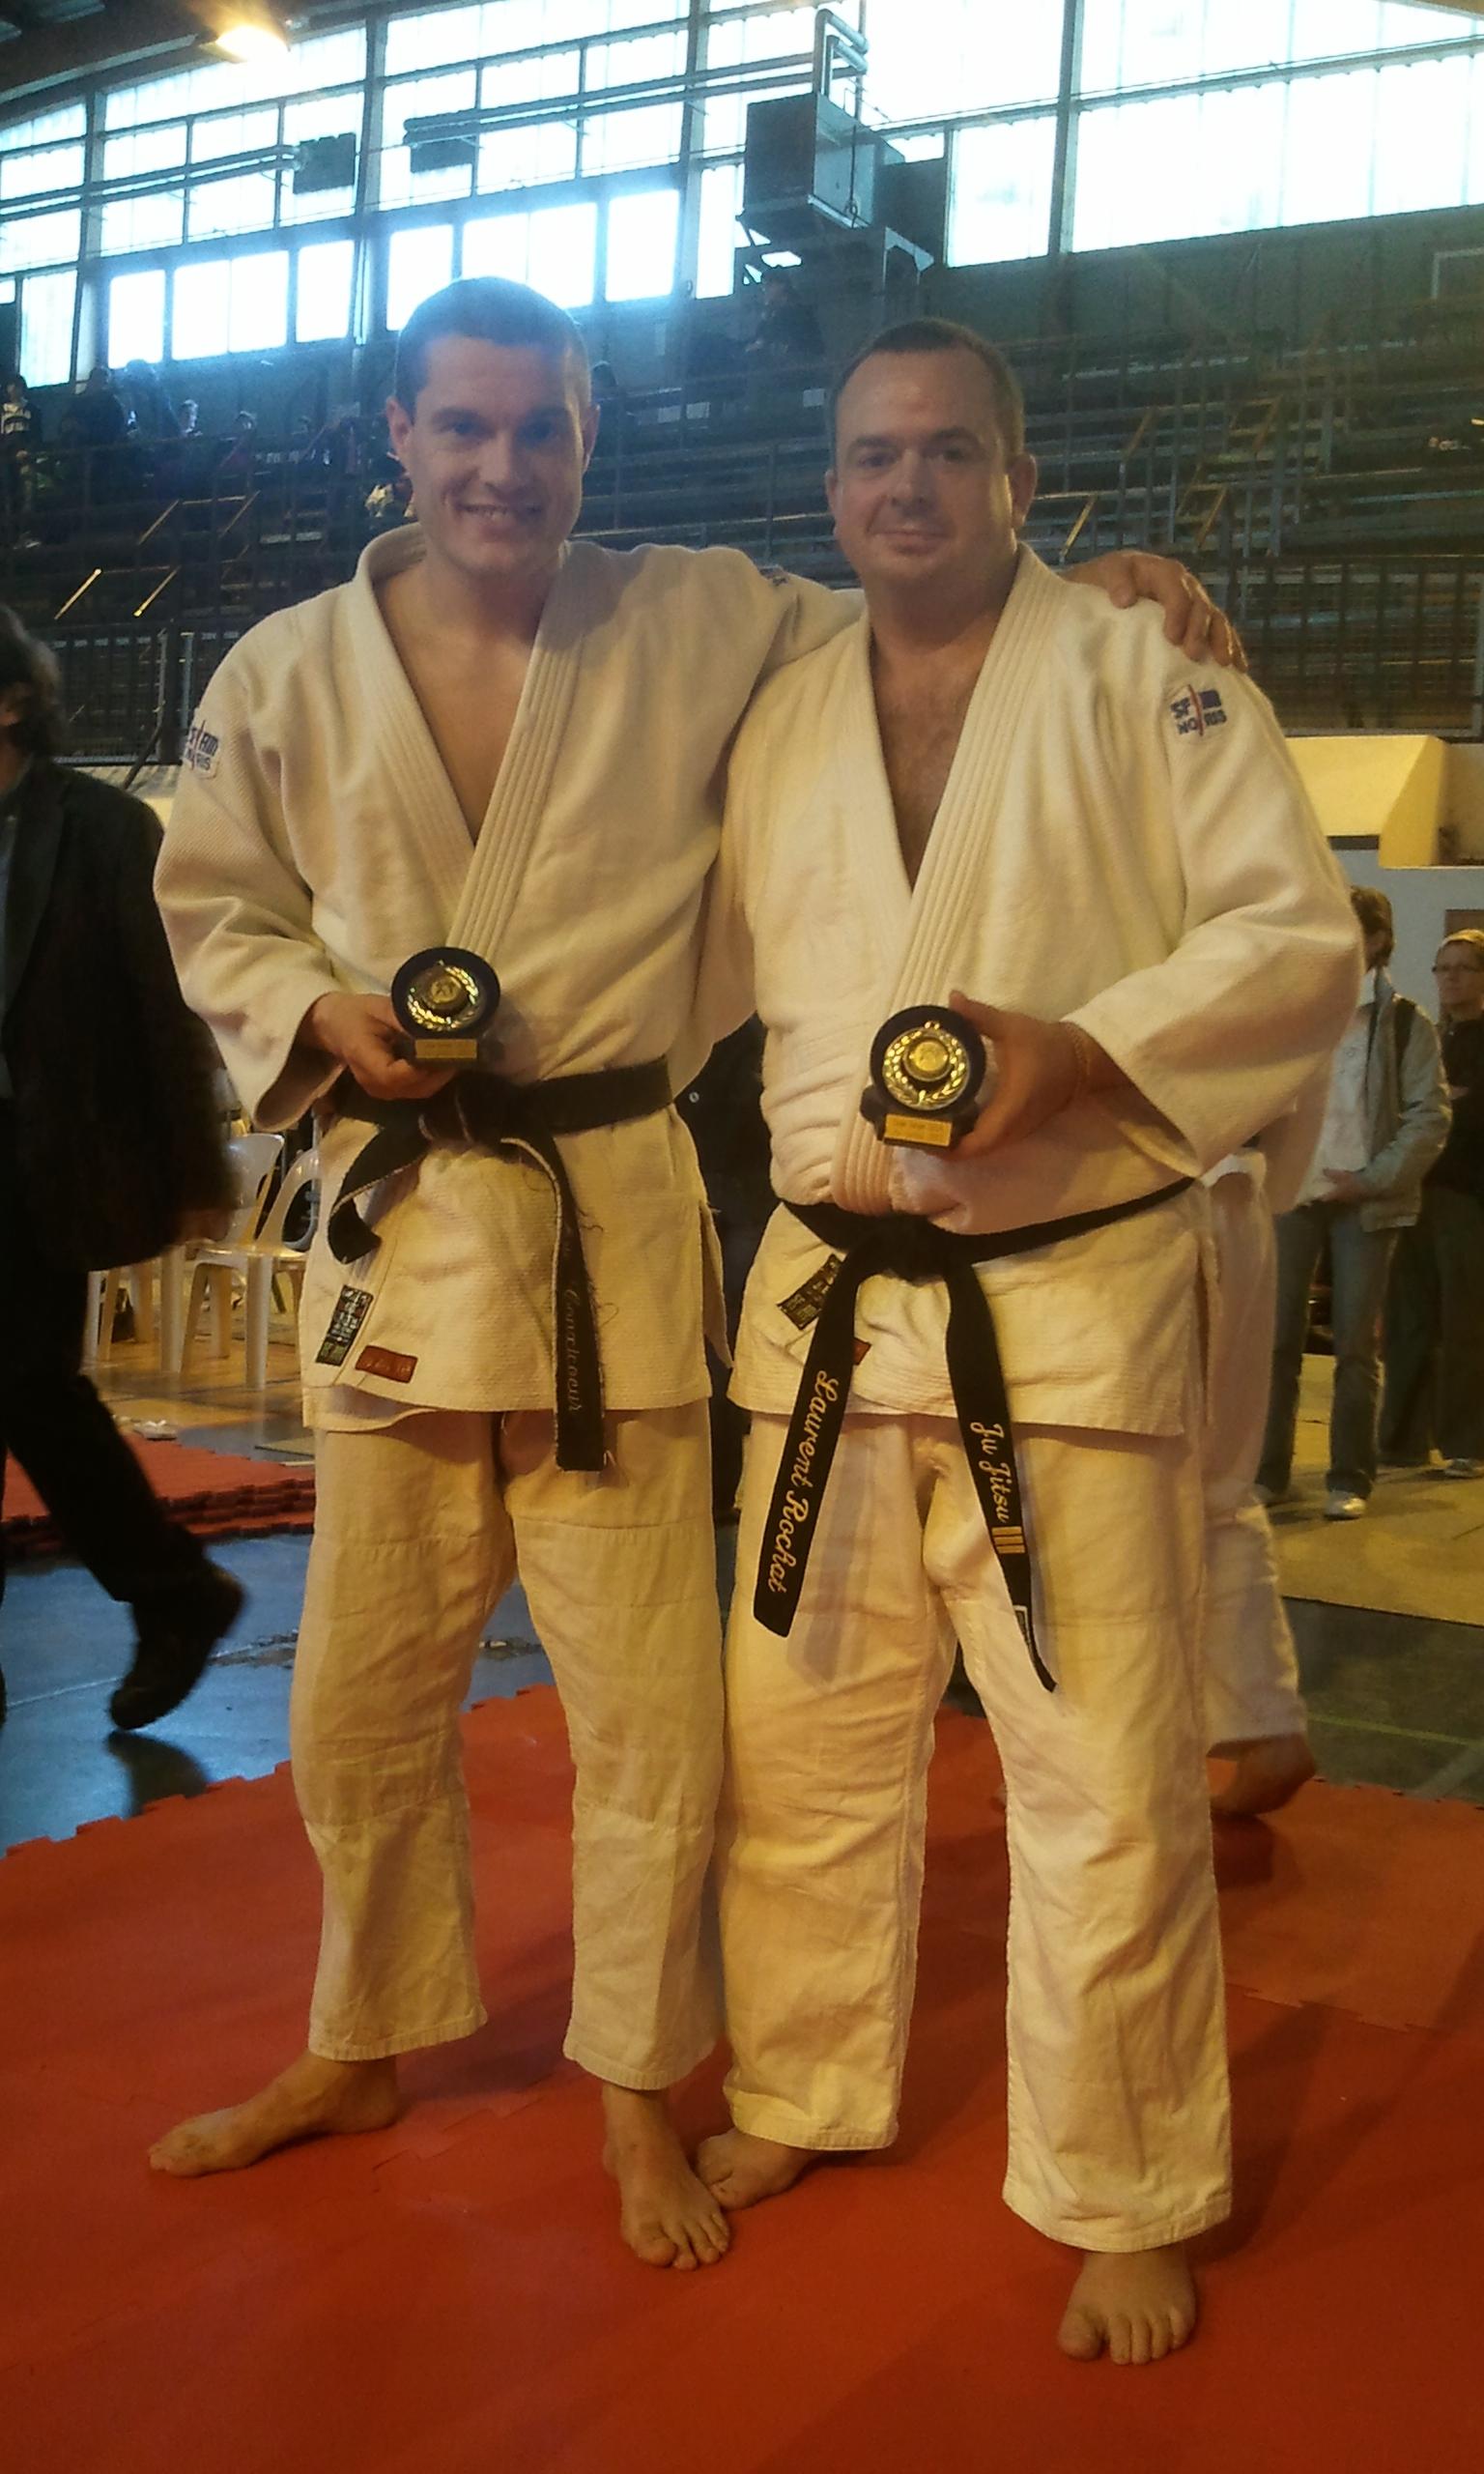 vainqueur-efjjsd-coupe-d-europe-jujitsu-iba-2012-categorie-ceinture-noire